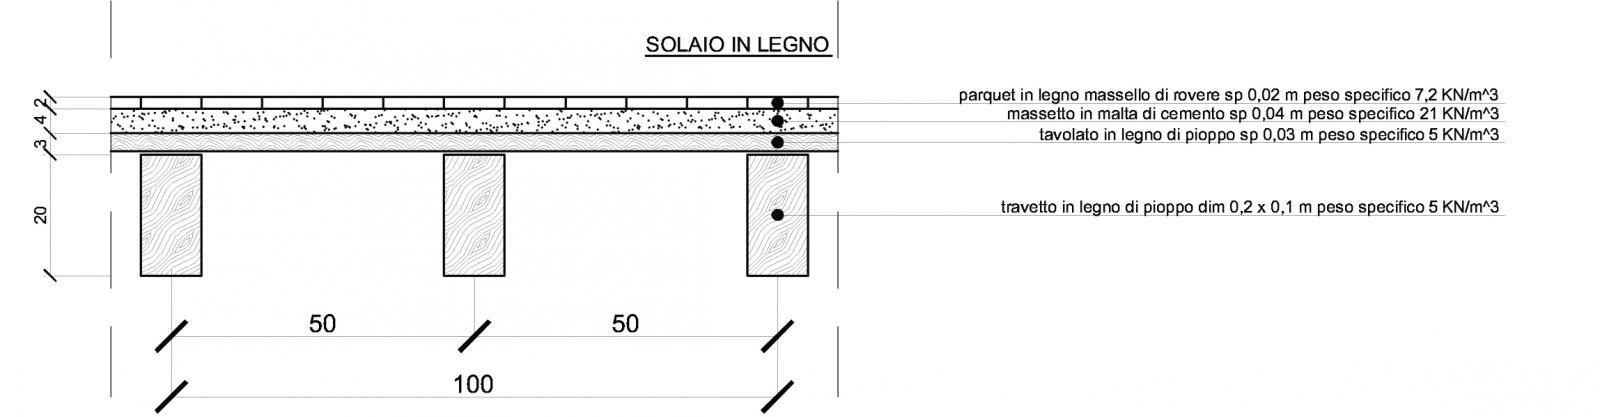 Dimensionamento Trave Per Un Solaio Di Legno Un Solaio Di Acciaio E Un Solaio In Latero Cemento Gettato In Opera Portale Di Meccanica